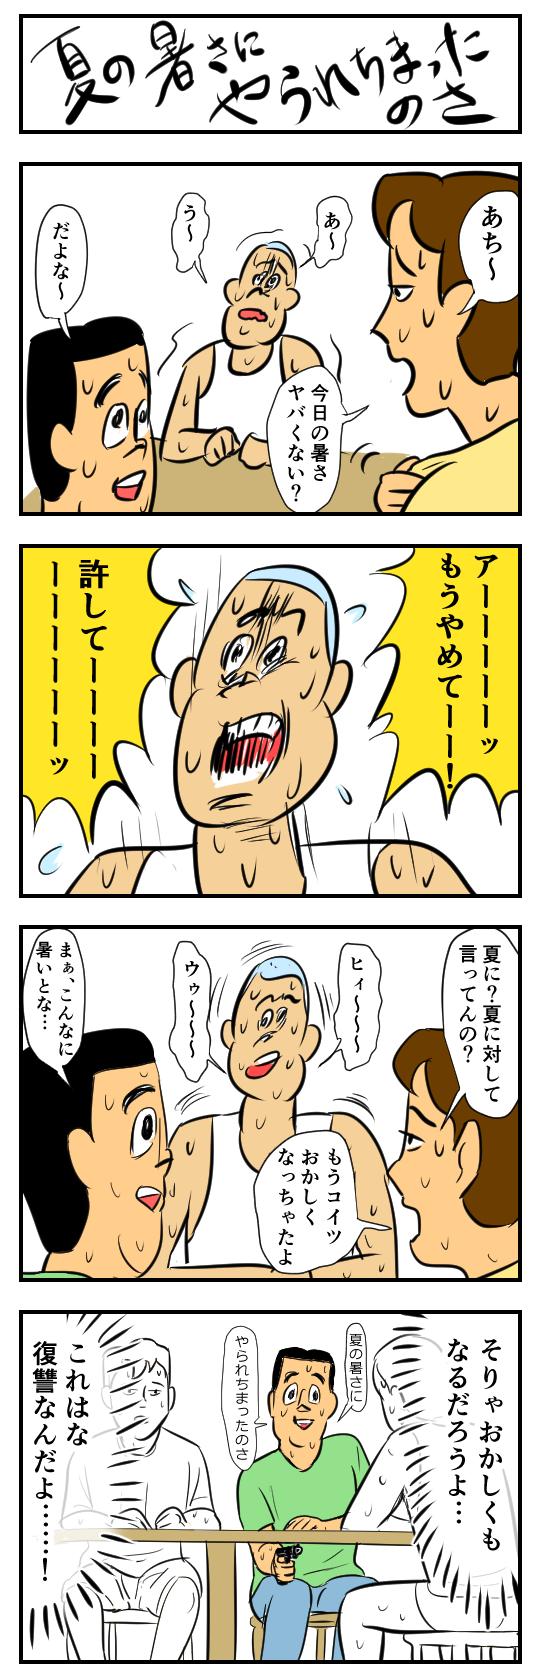 【4コマ漫画】夏の暑さにやられちまったのさ